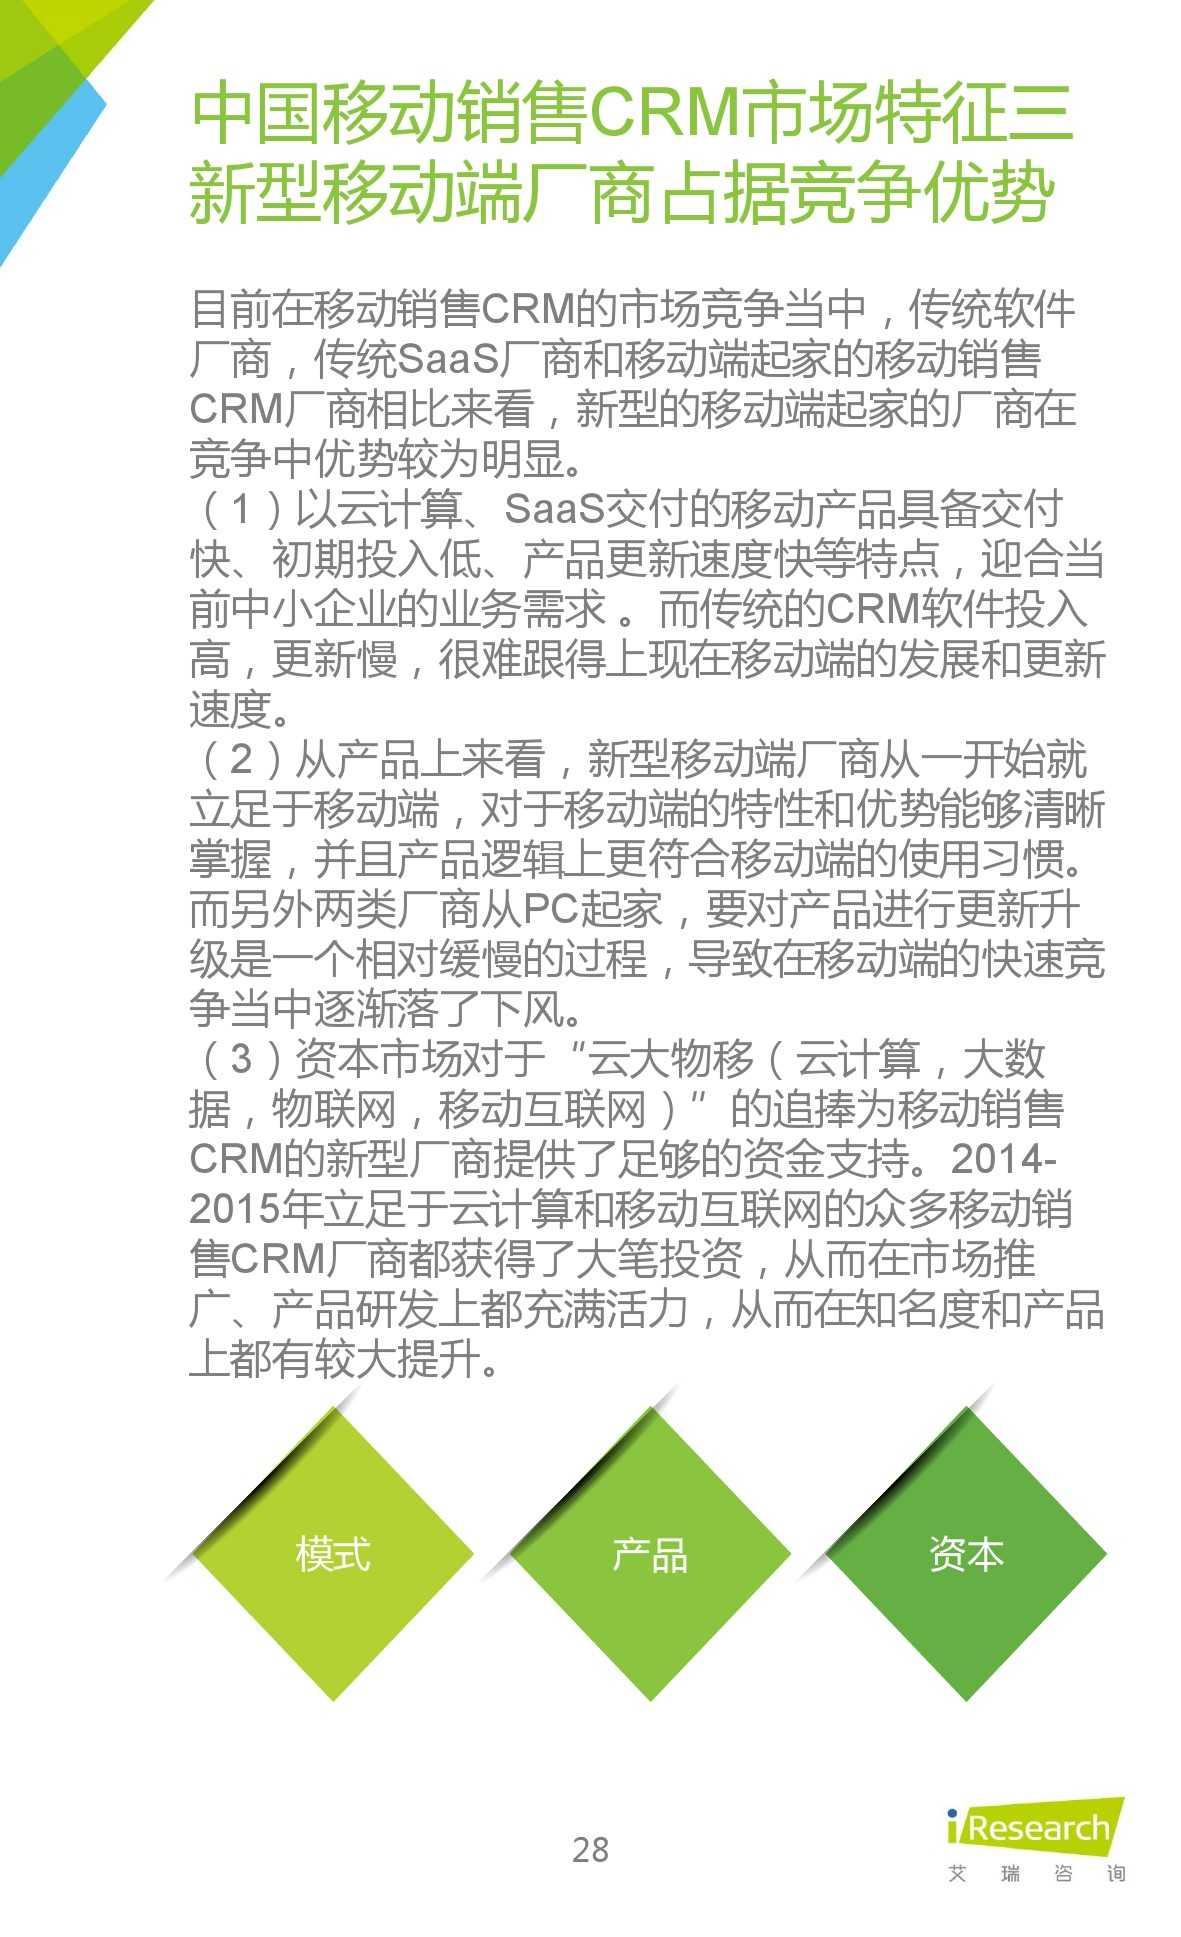 2015年中国移动销售CRM行业研究报告_000028